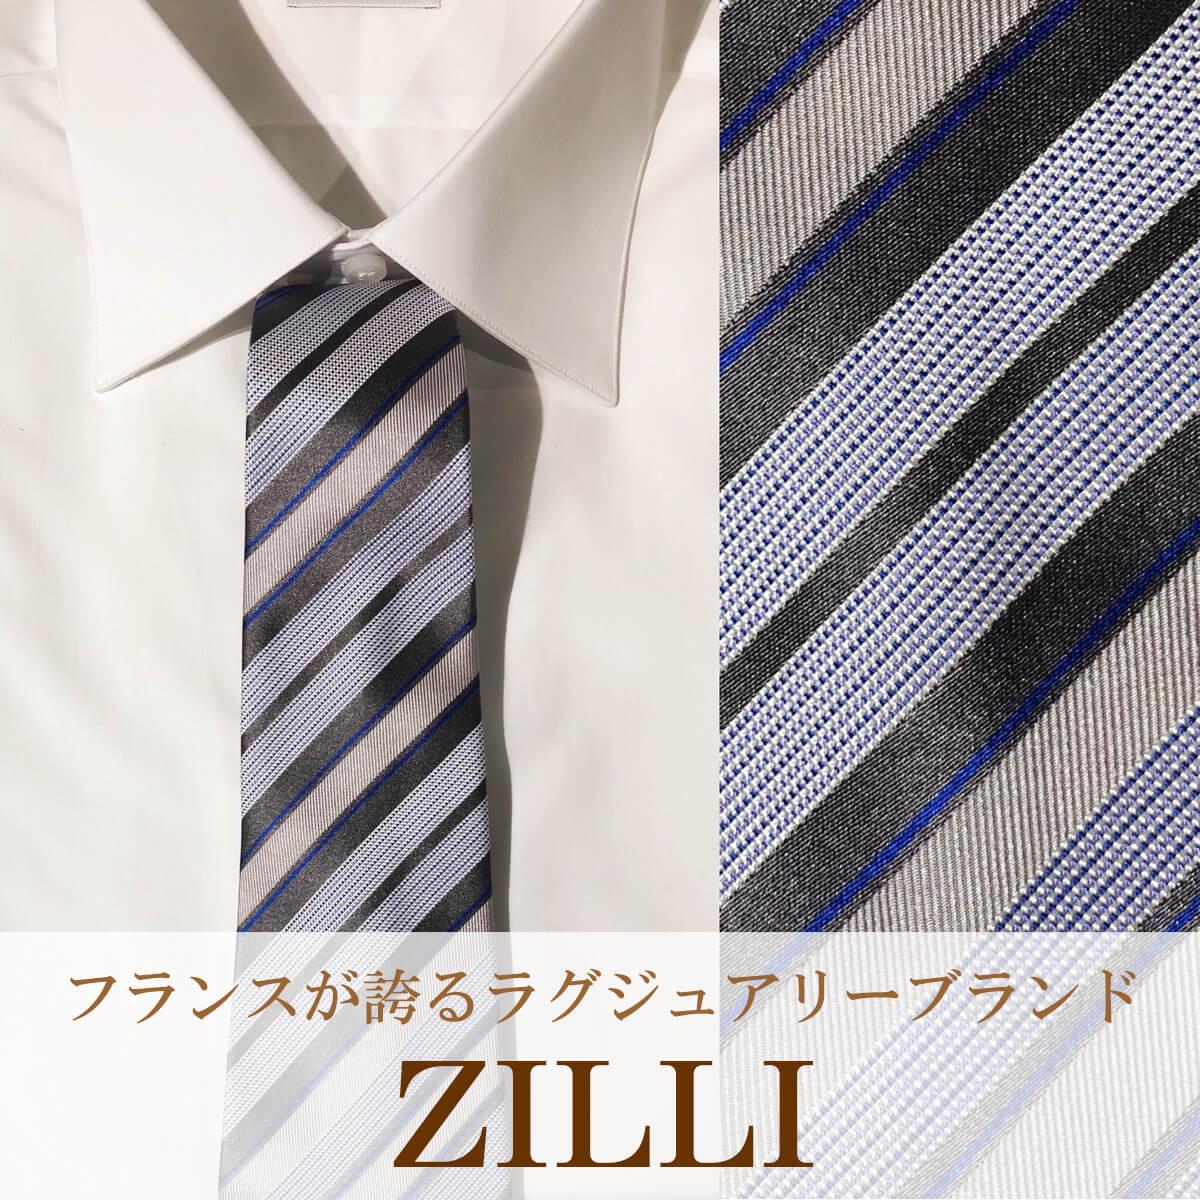 ZILLI (ジリー)ネクタイ ブランド 高級 ジリー ZILLI シルク ジャガード 結婚式 パーティー シルク おしゃれ